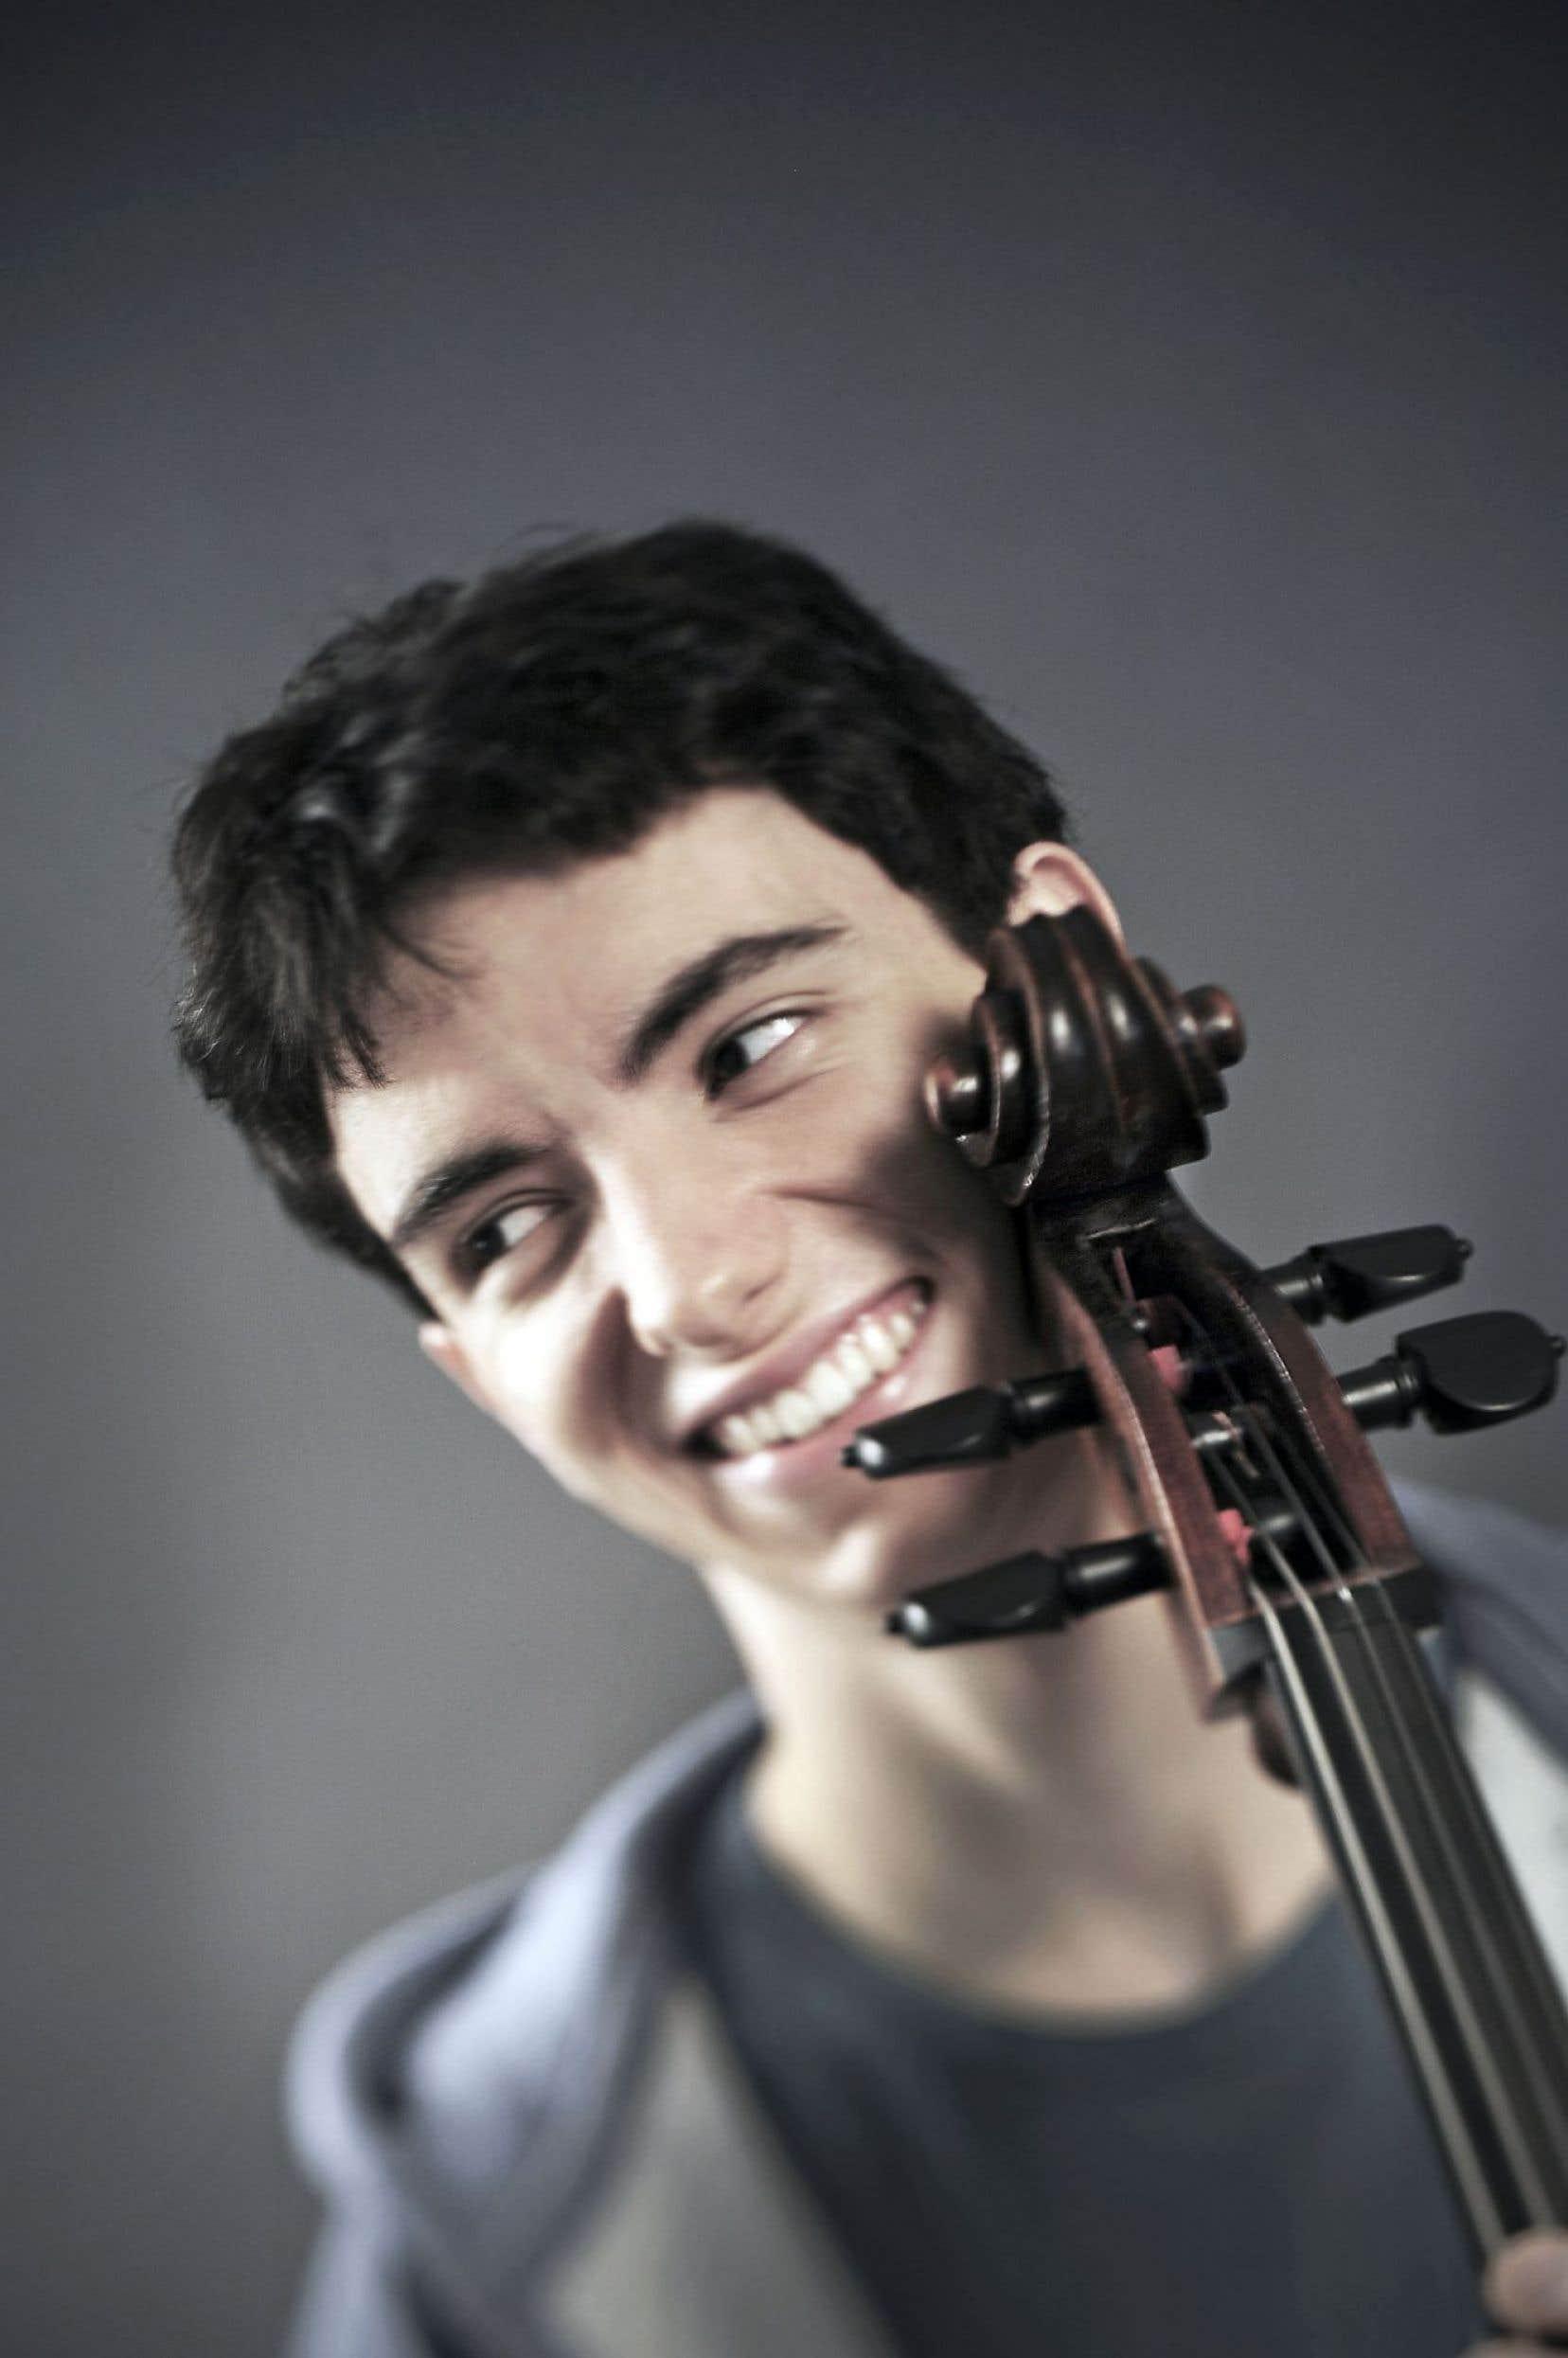 Le violoncelliste Stéphane Tétrault